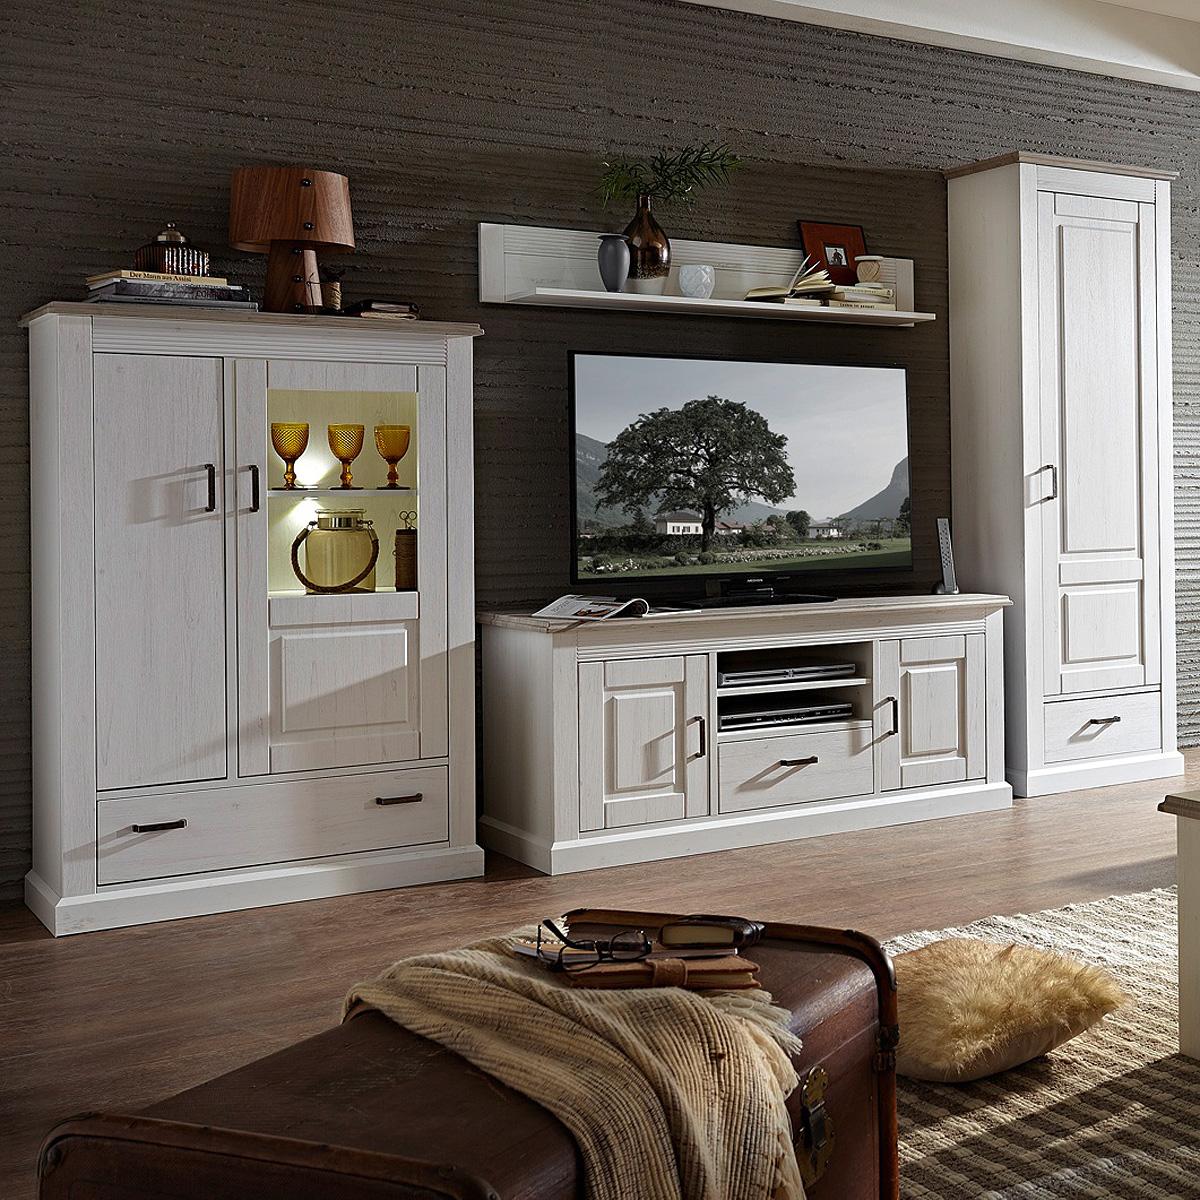 Wohnwand 3 limas anbauwand wohnzimmer set in pinie hell for Wohnzimmer set